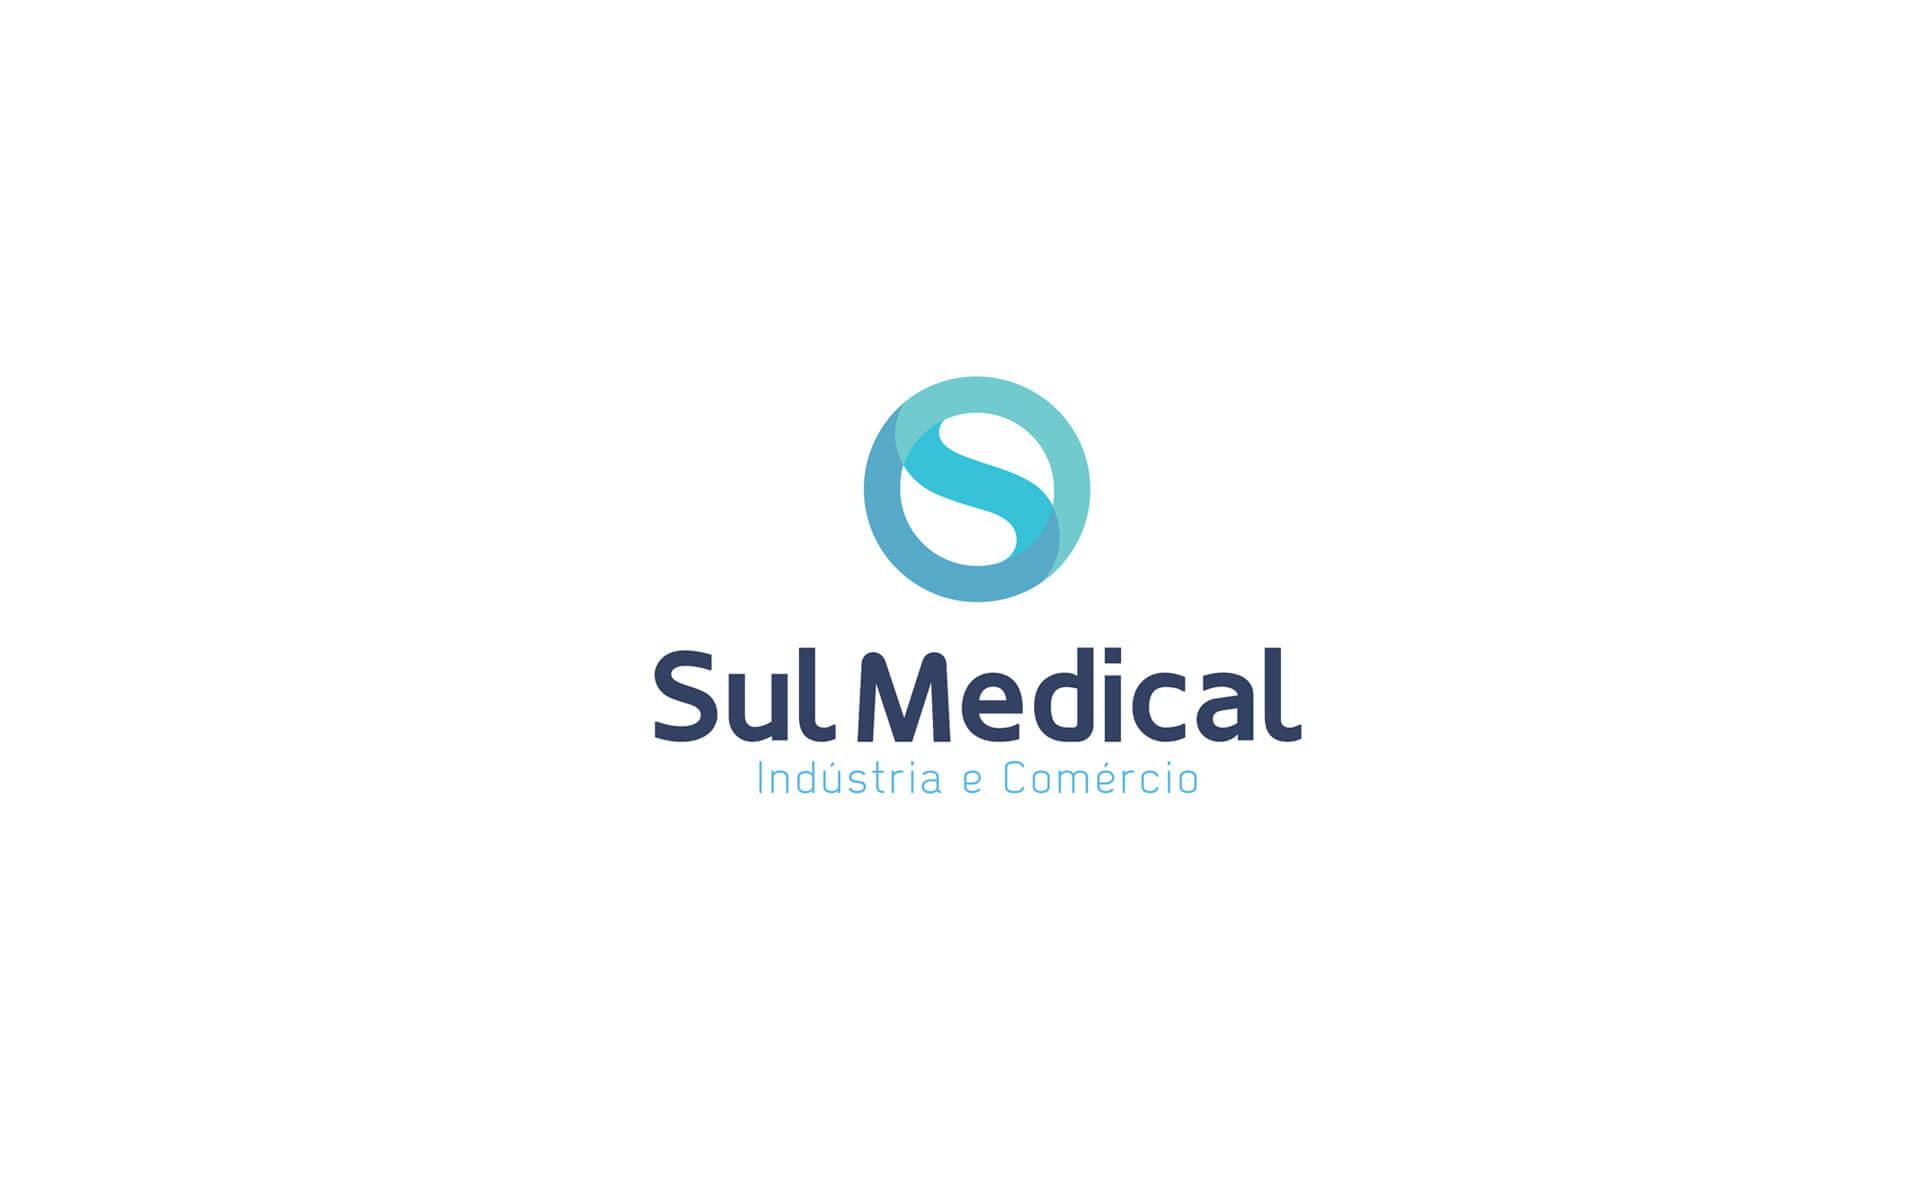 Sulmedical_Marca_DossPropaganda_01